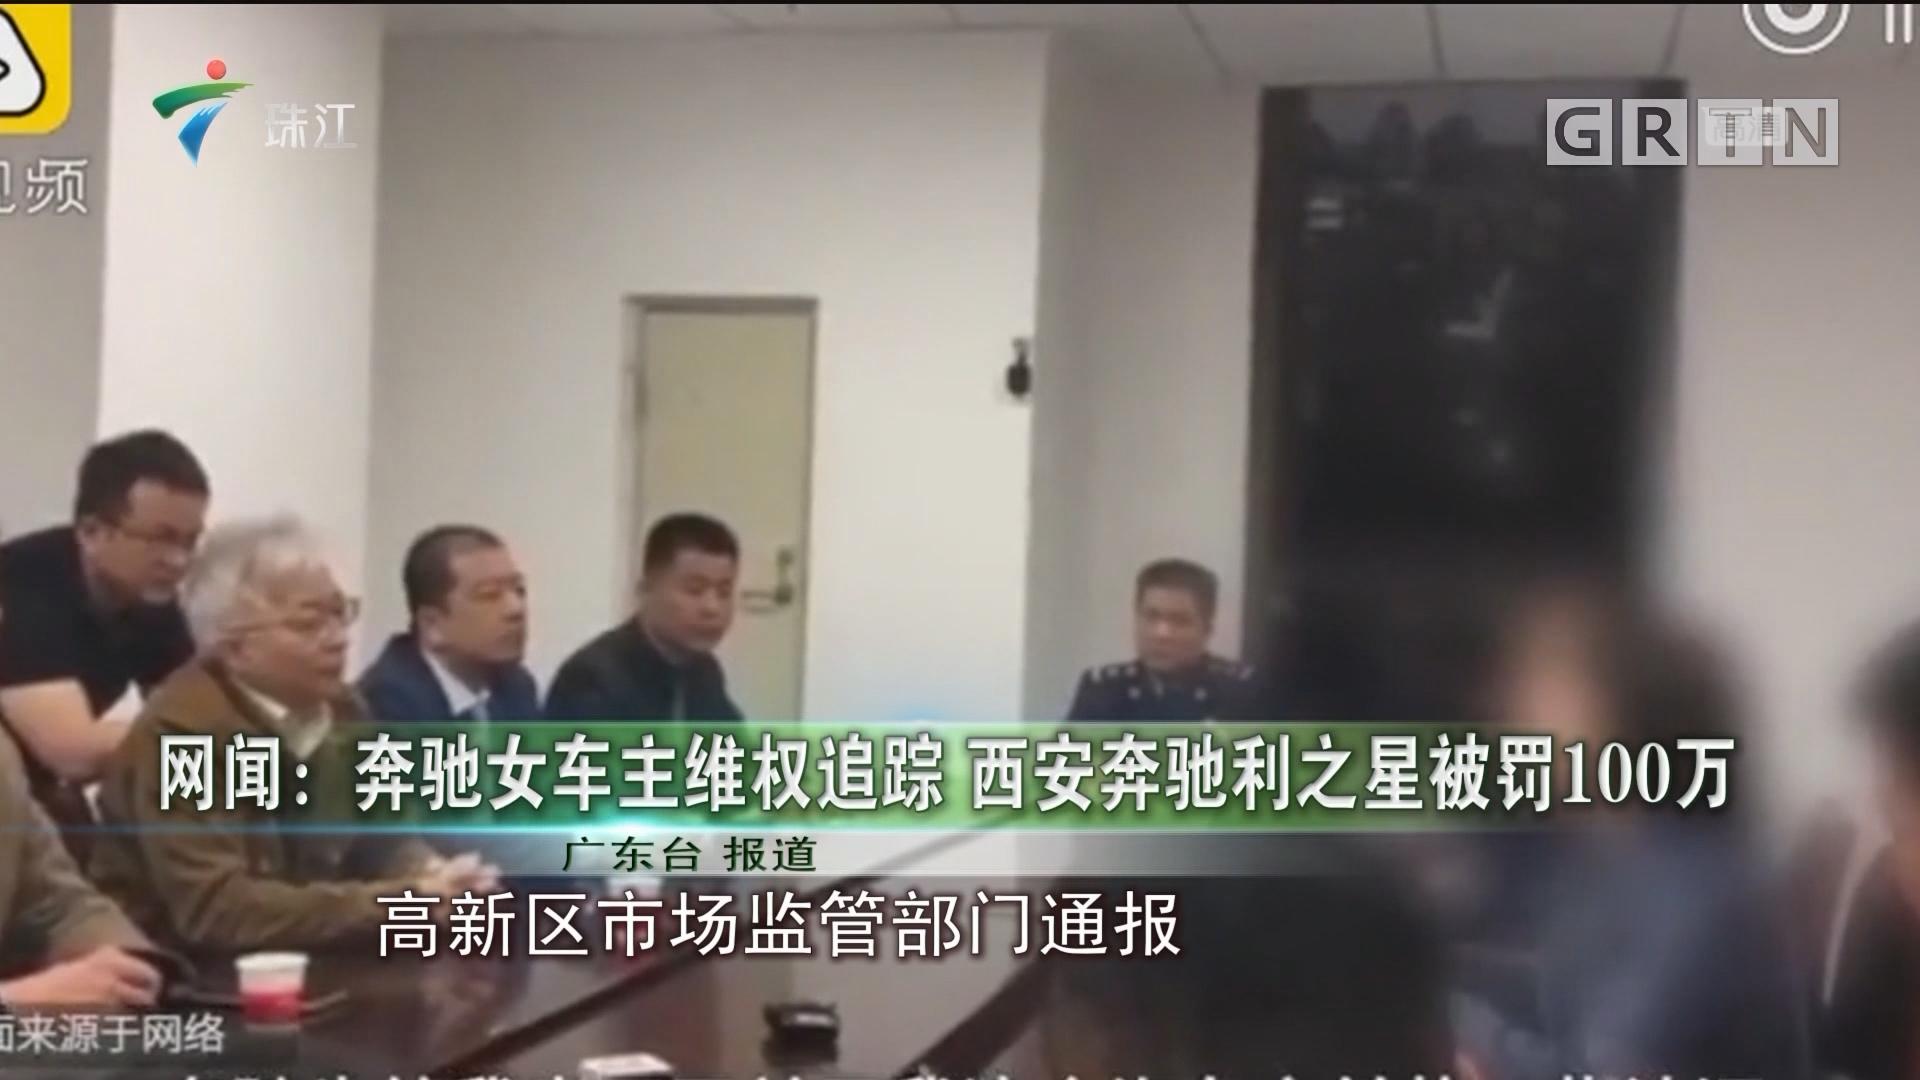 网闻:奔驰女车主维权追踪 西安奔驰利之星被罚100万